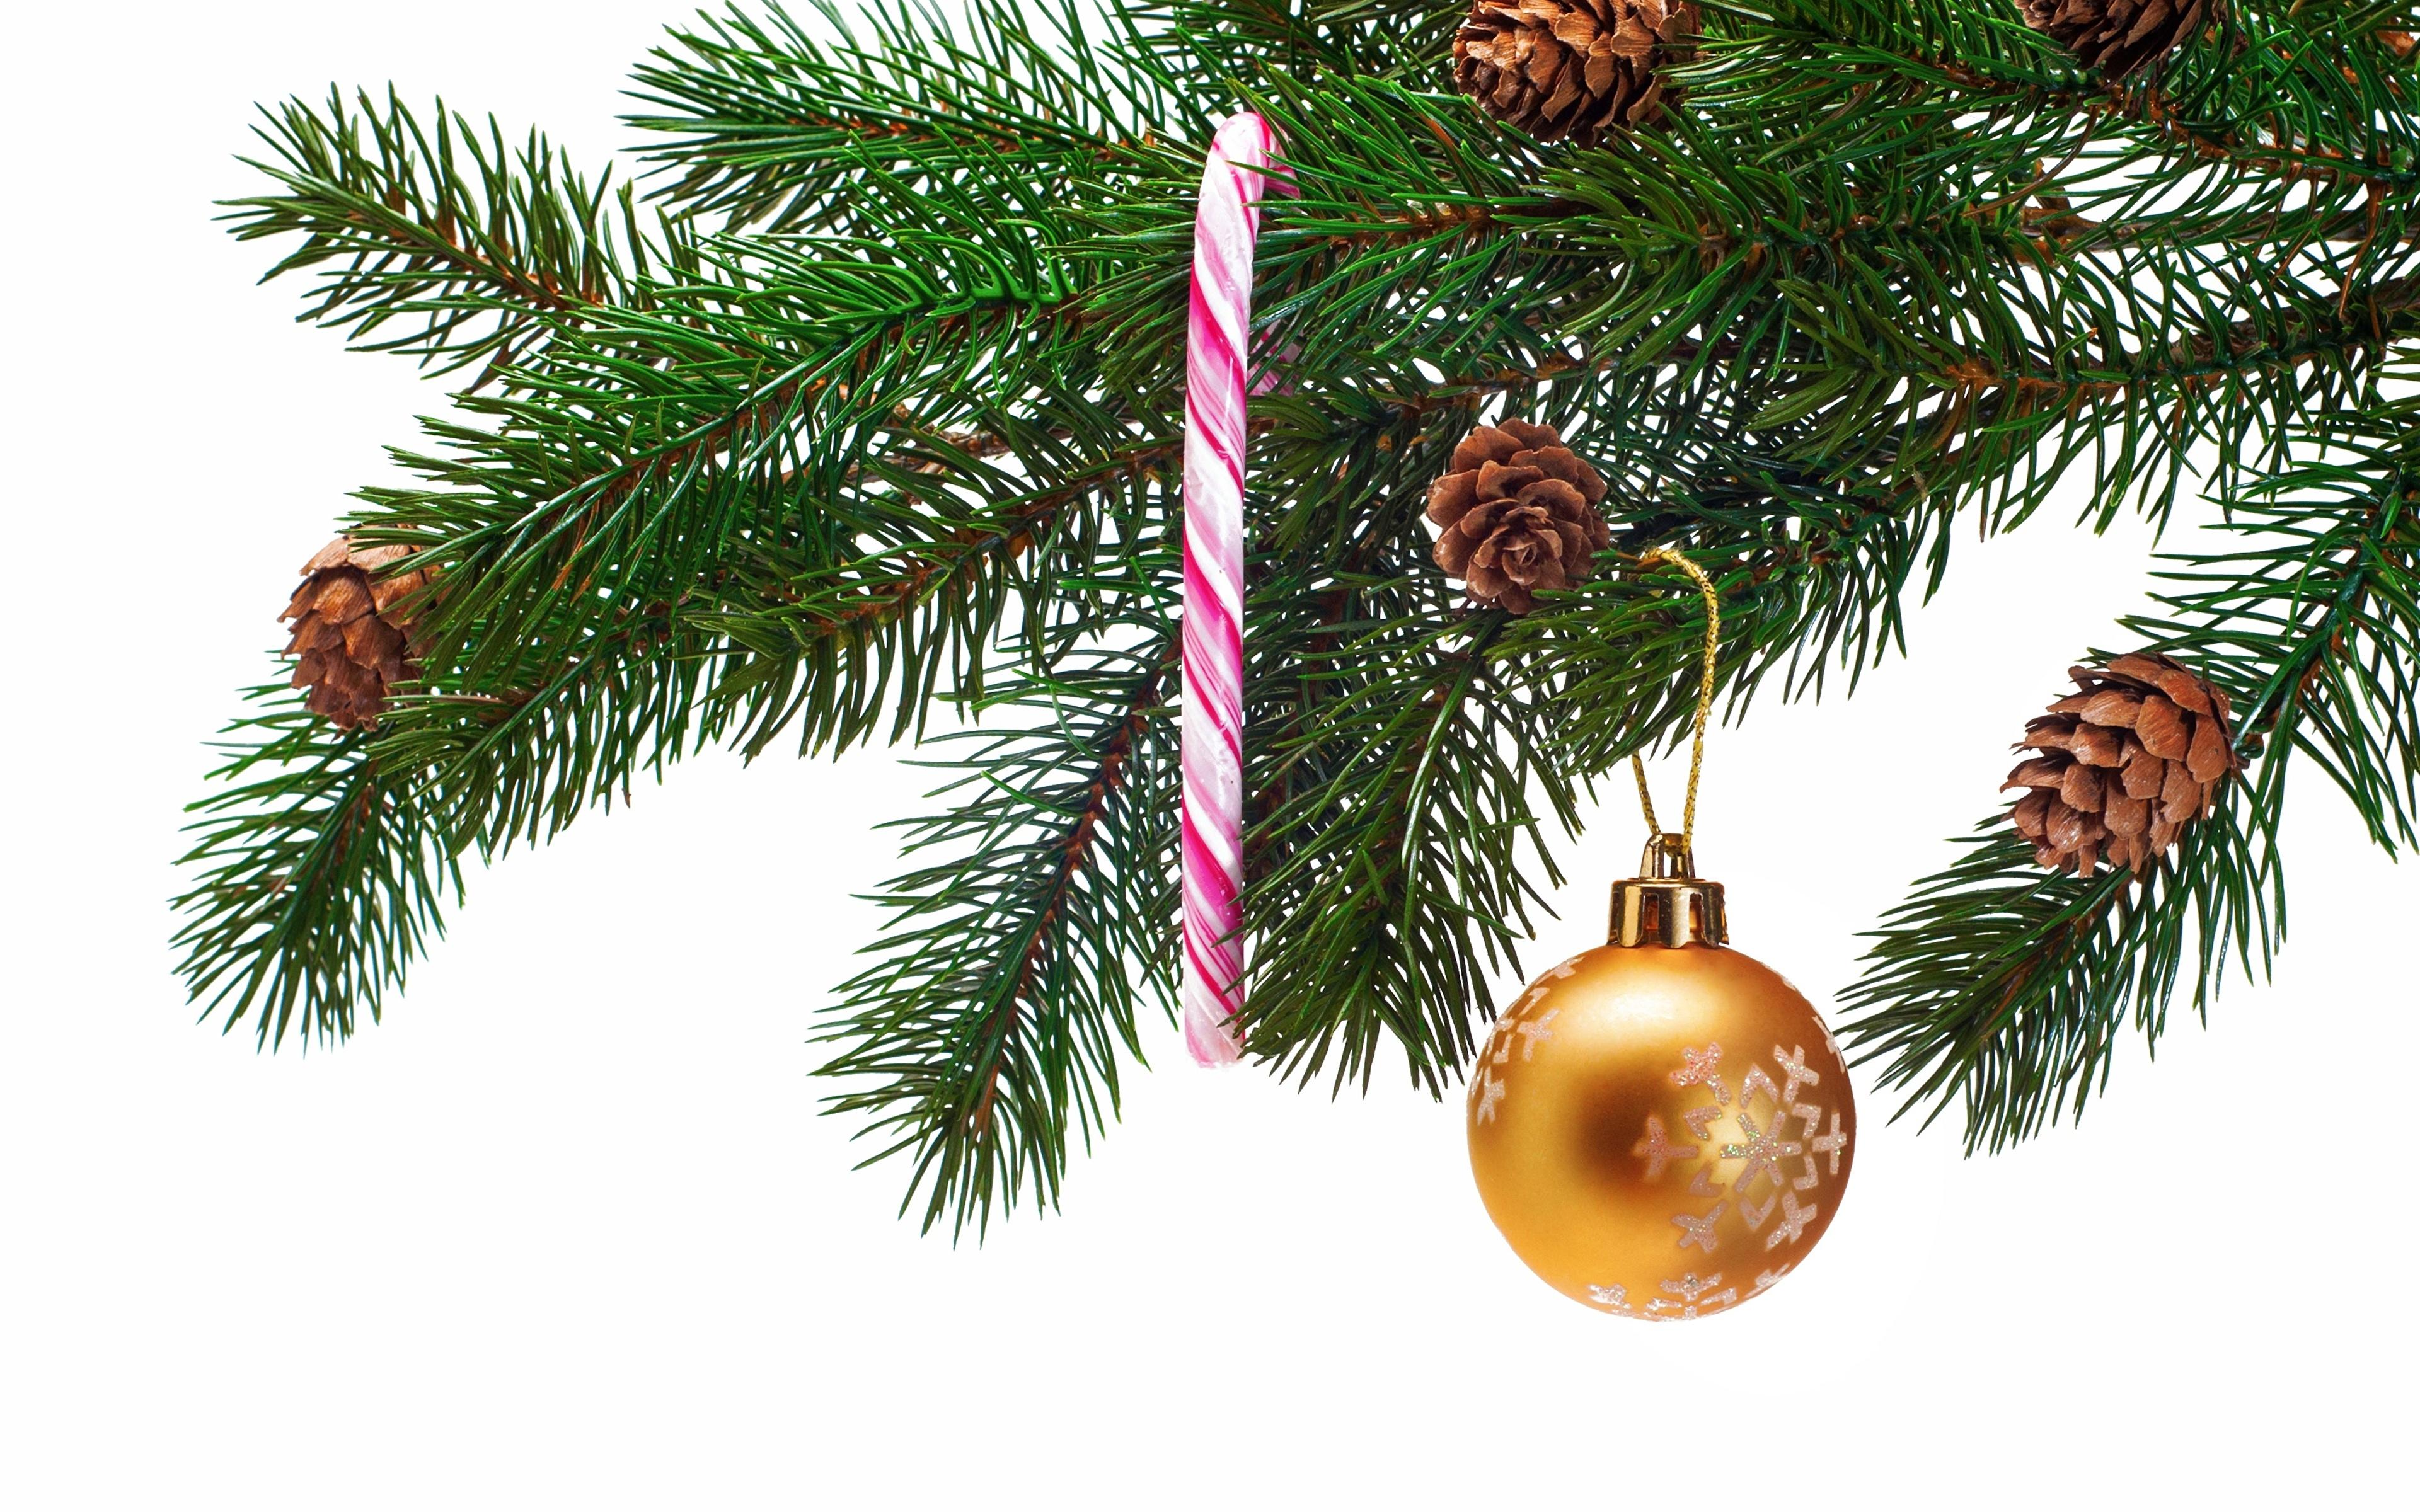 Weihnachtsbaum Ast.Bilder Neujahr Tannenbaum Ast Zapfen Kugeln Feiertage 3840x2400